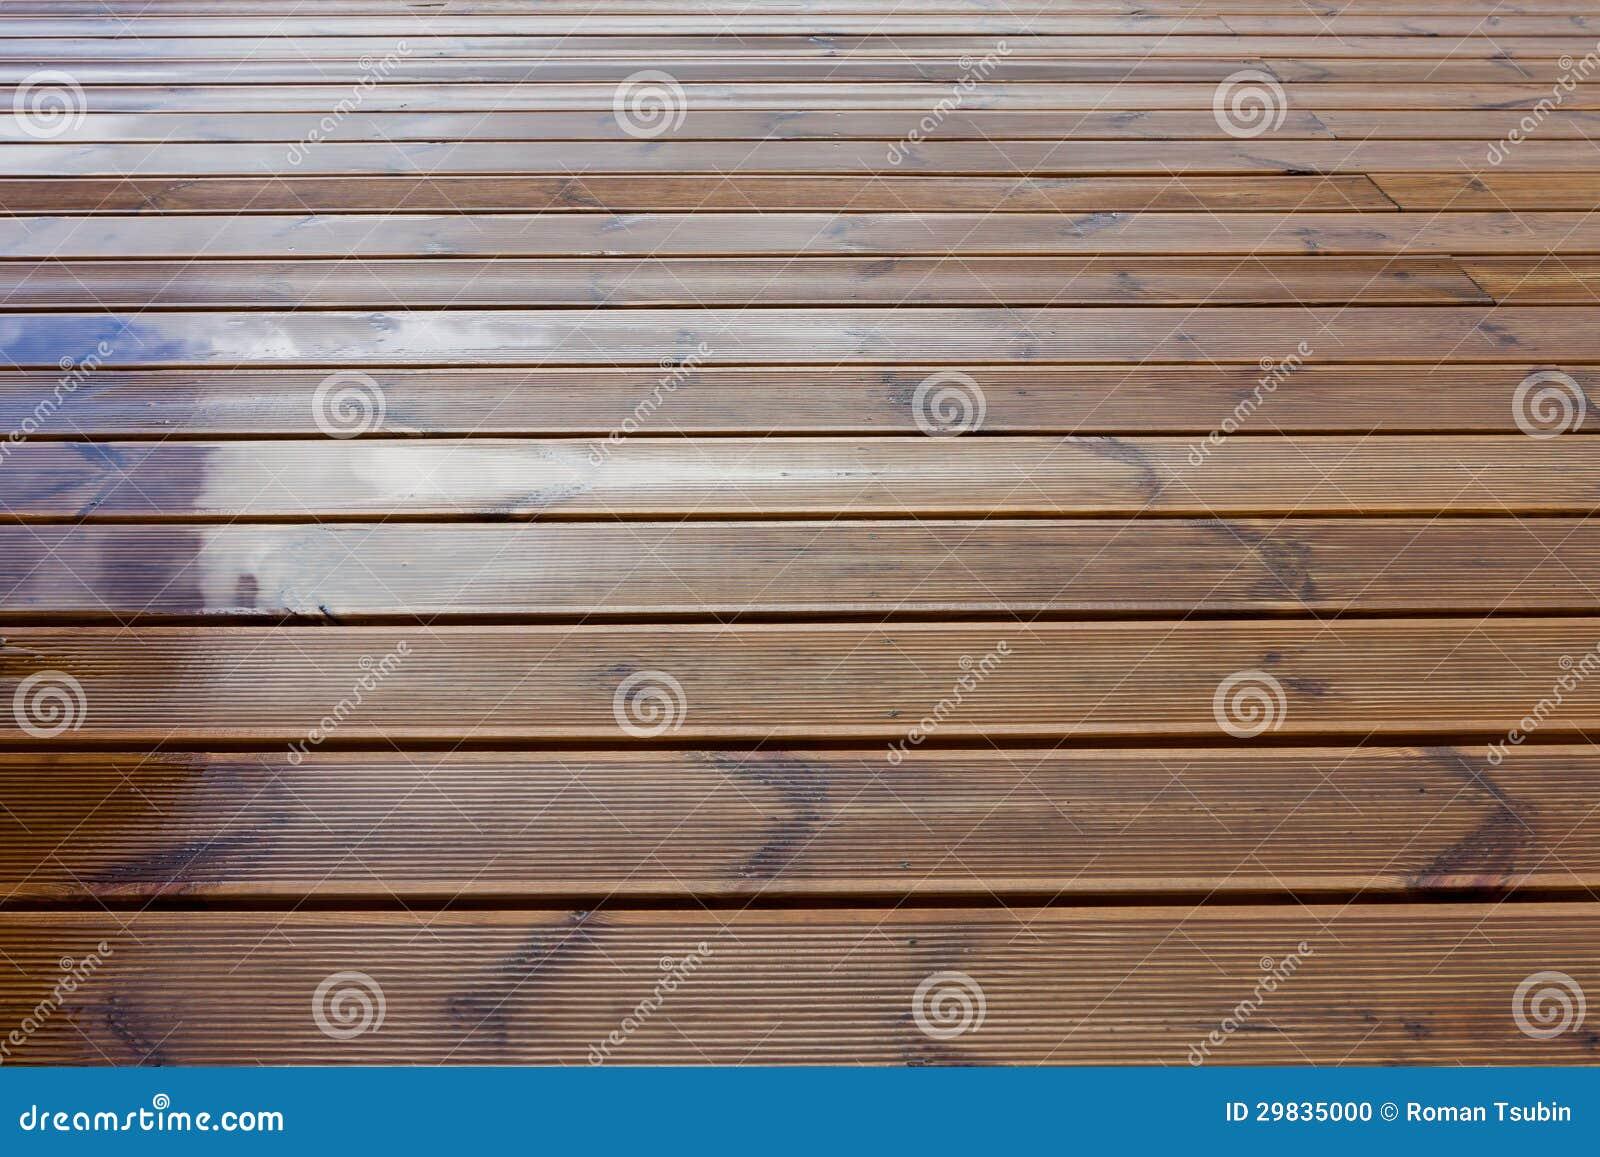 Piso de madera de la terraza mojada foto de archivo - Piso madera terraza ...